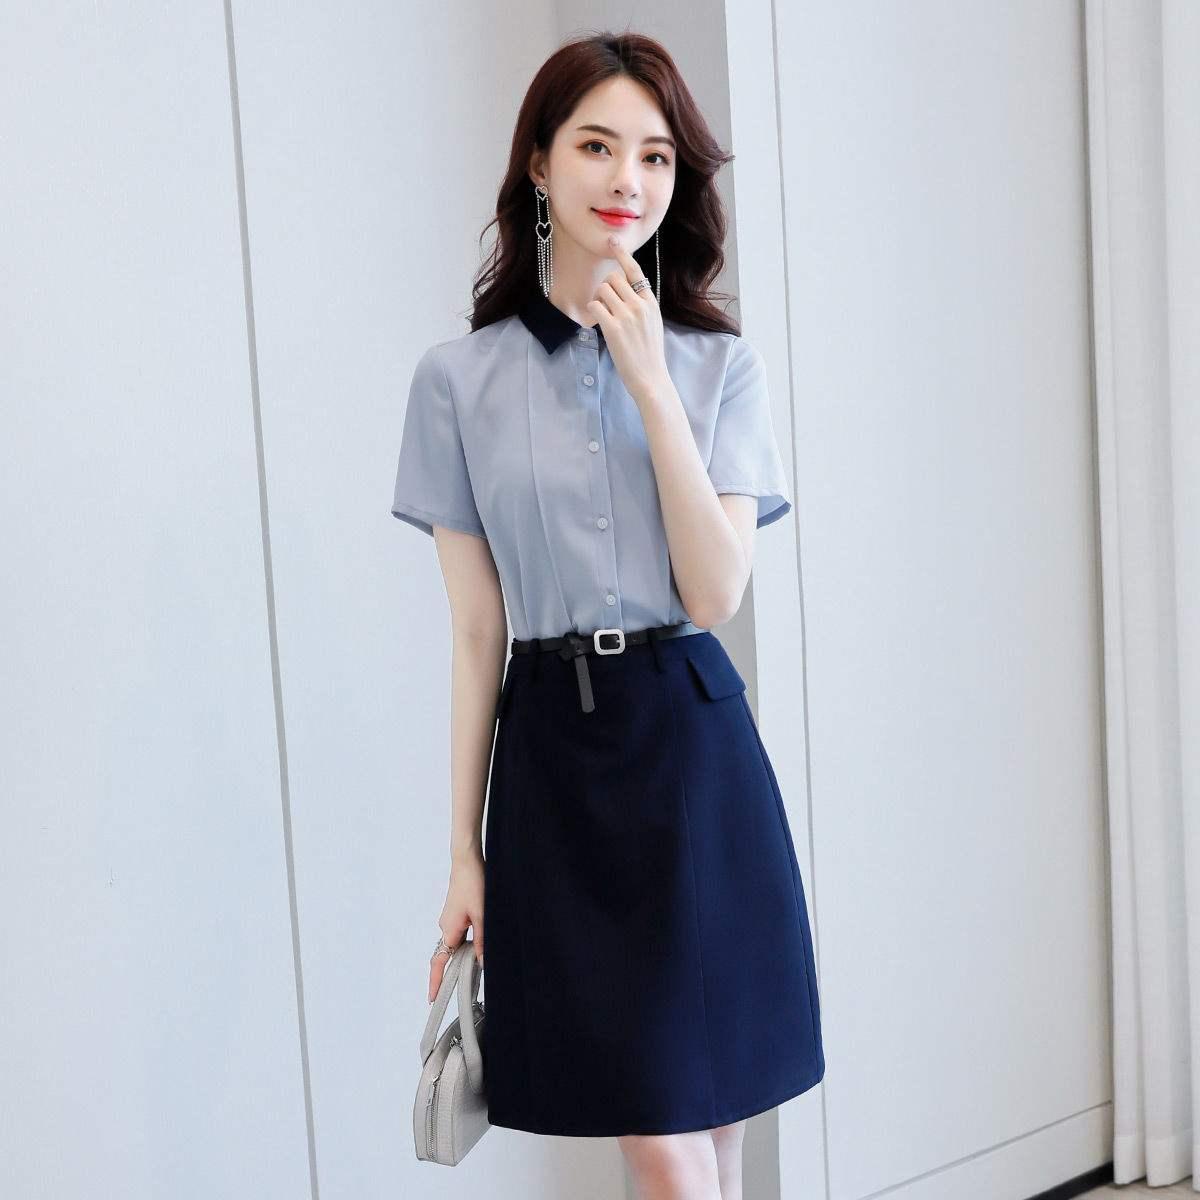 尚静 套装裙2020夏季新款短袖衬衫+气质时尚通勤两件套套装裙子